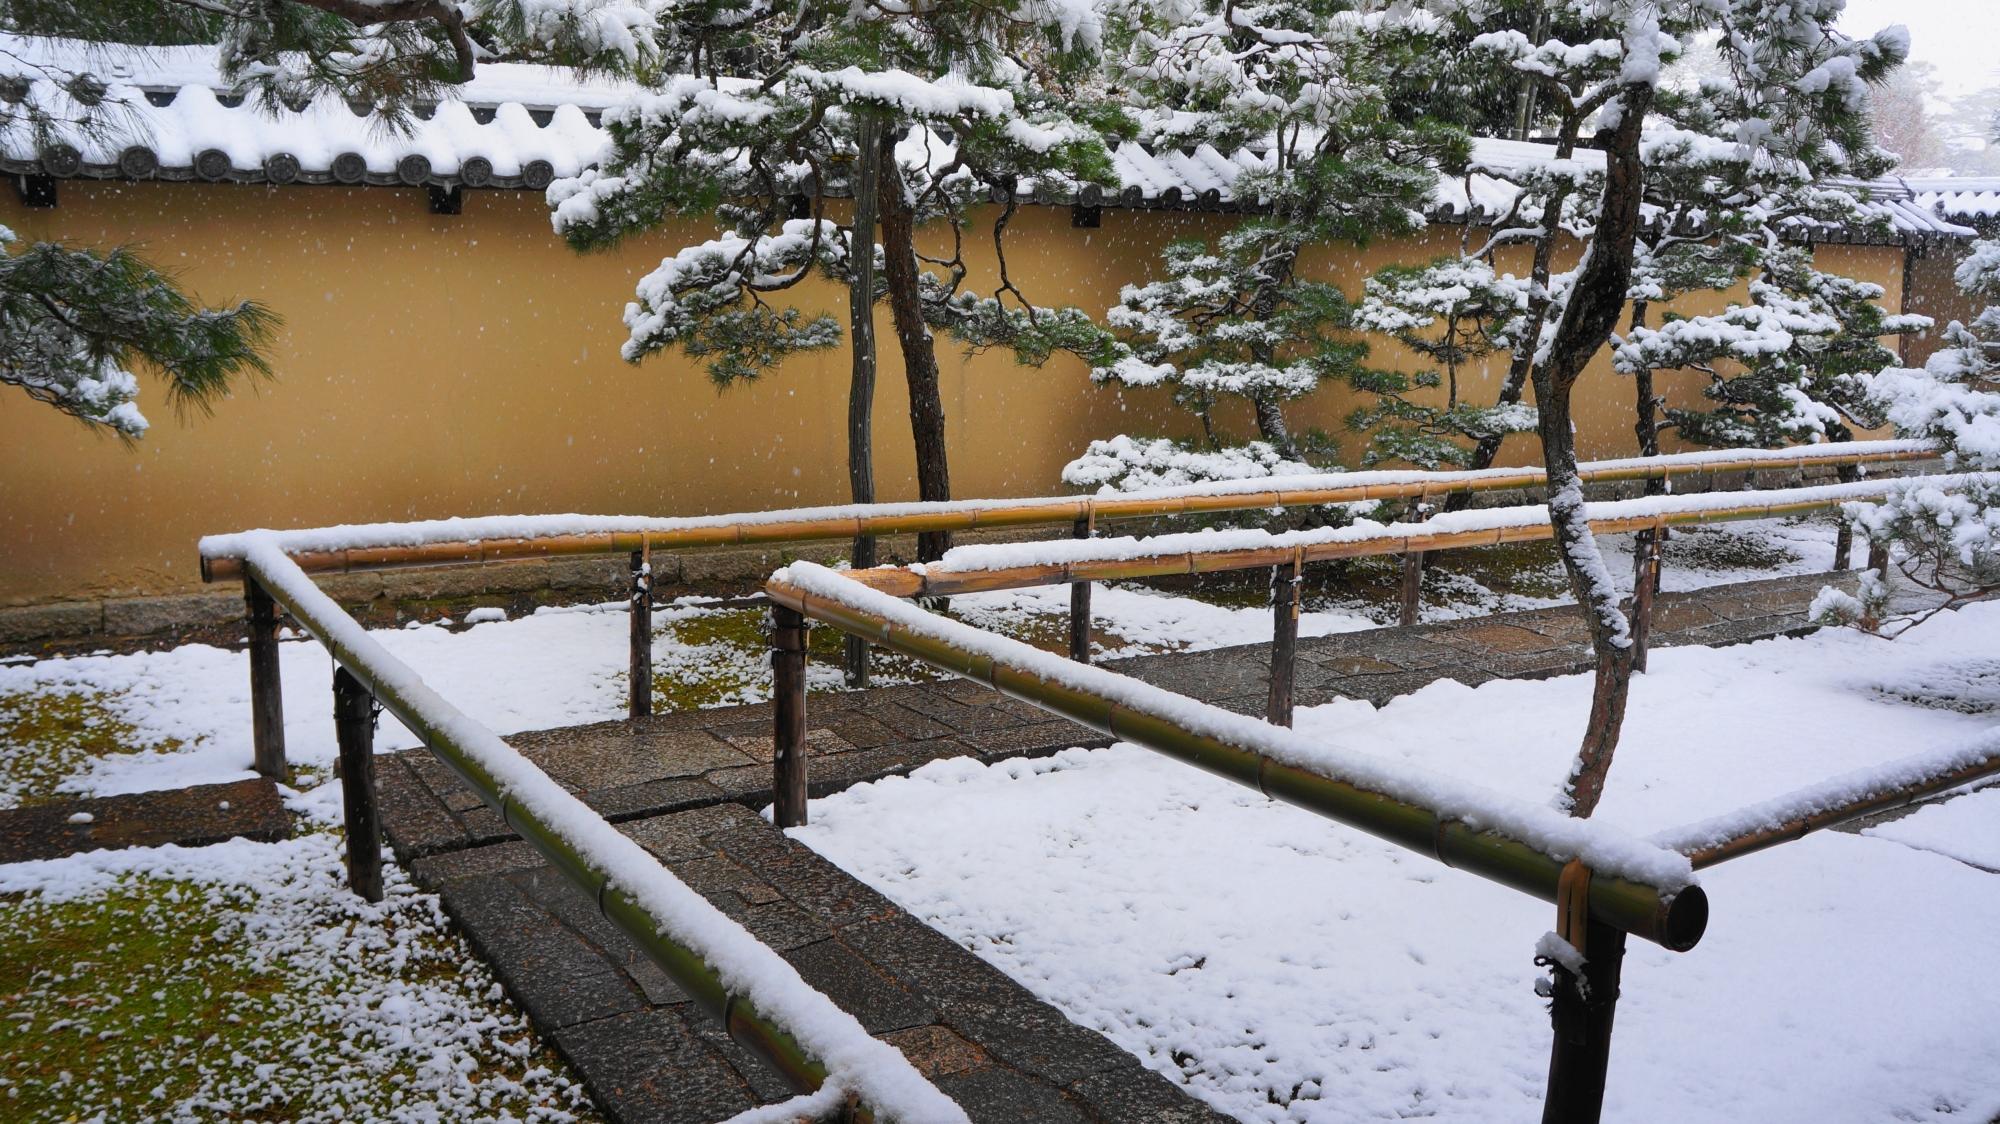 松の木などにも雪が積もった高桐院